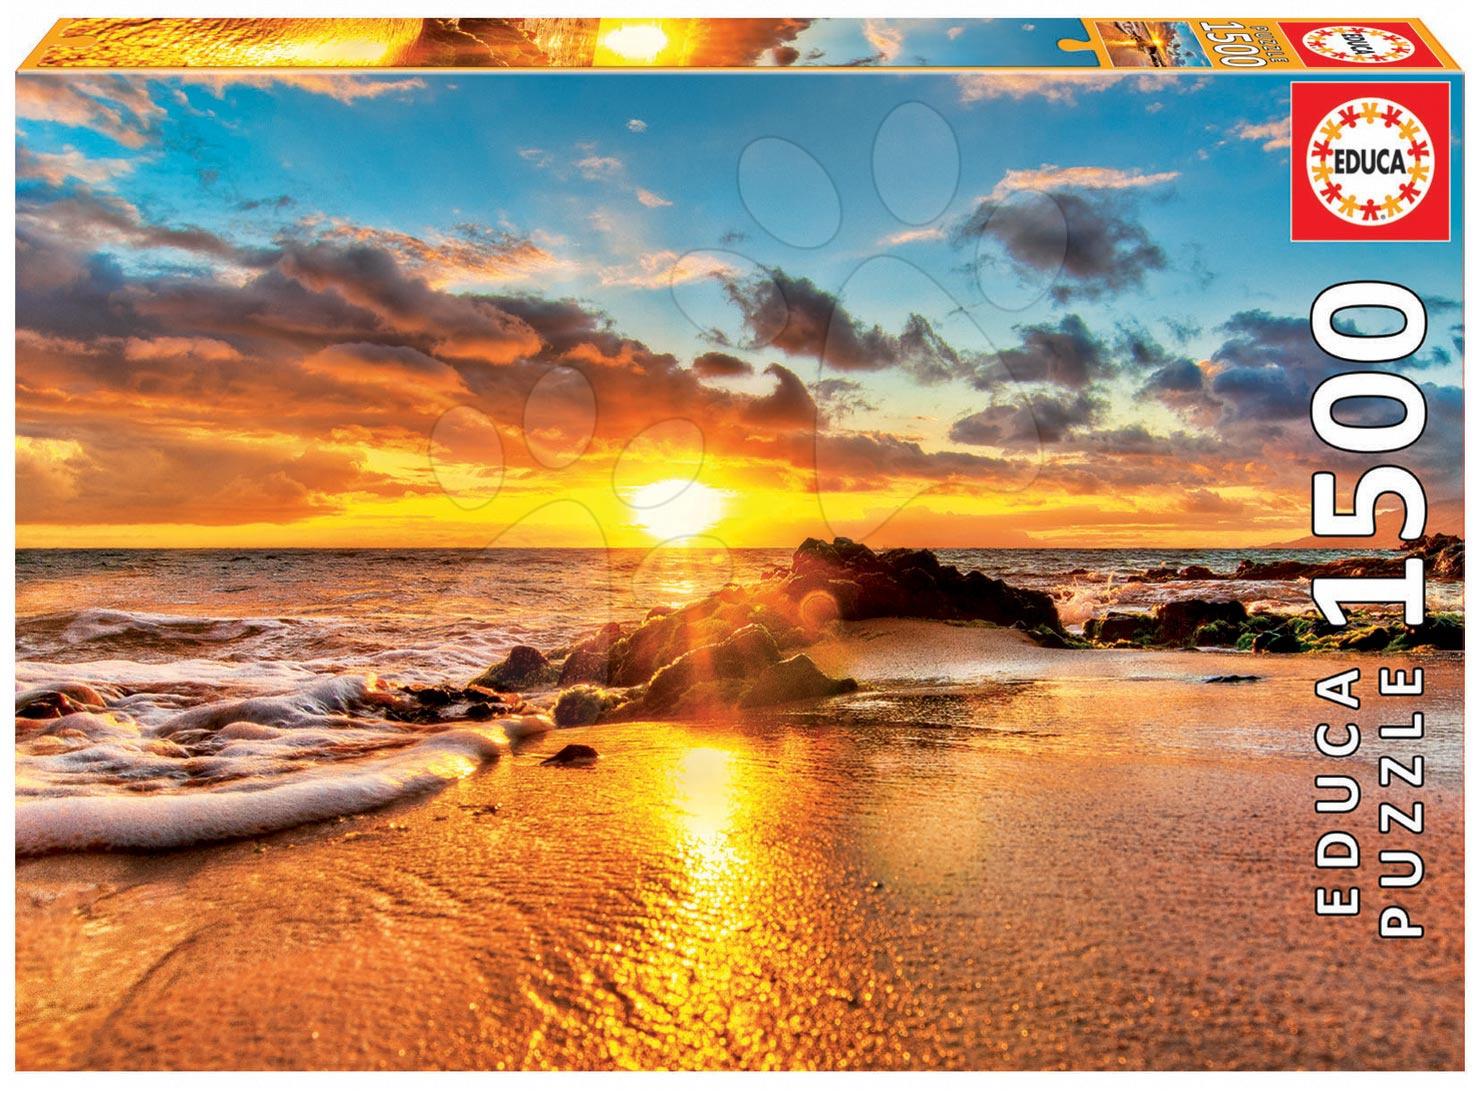 Puzzle 1500 dielne - Puzzle Genuine Maui, Desire Educa 1500 dielov